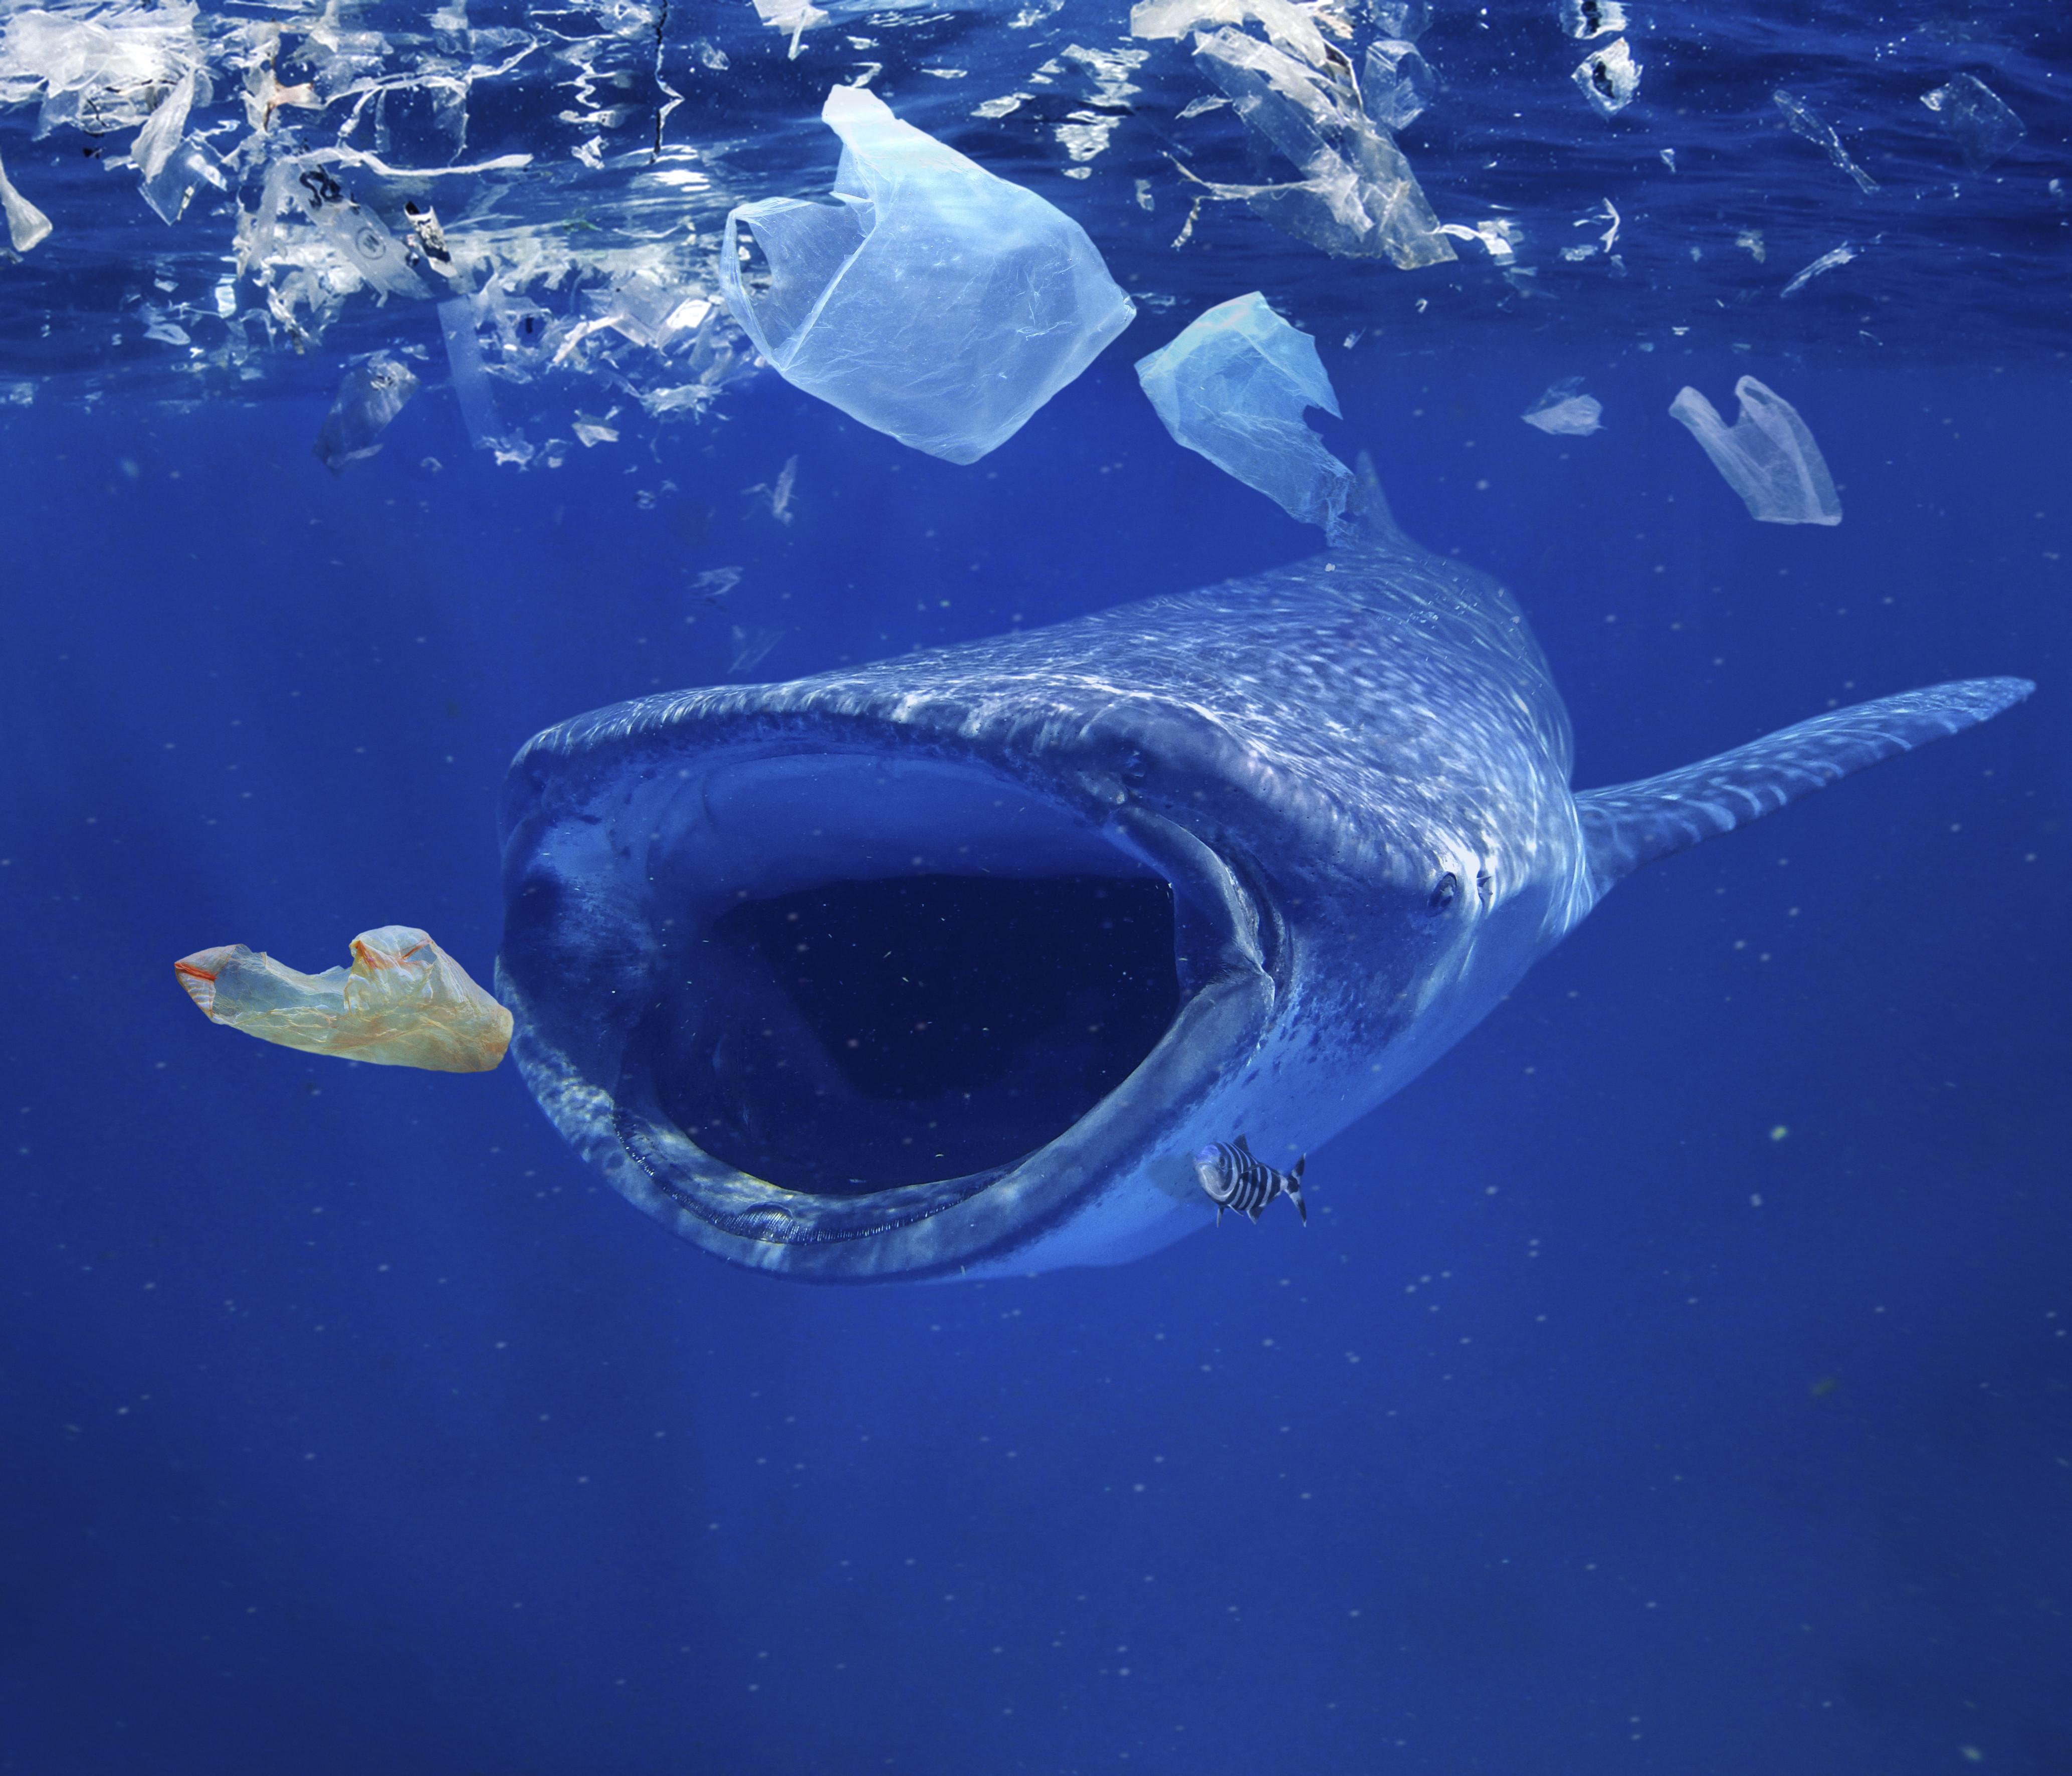 Minden partra vetődött tengeri emlősben találtak mikroműanyagot Nagy-Britanniában